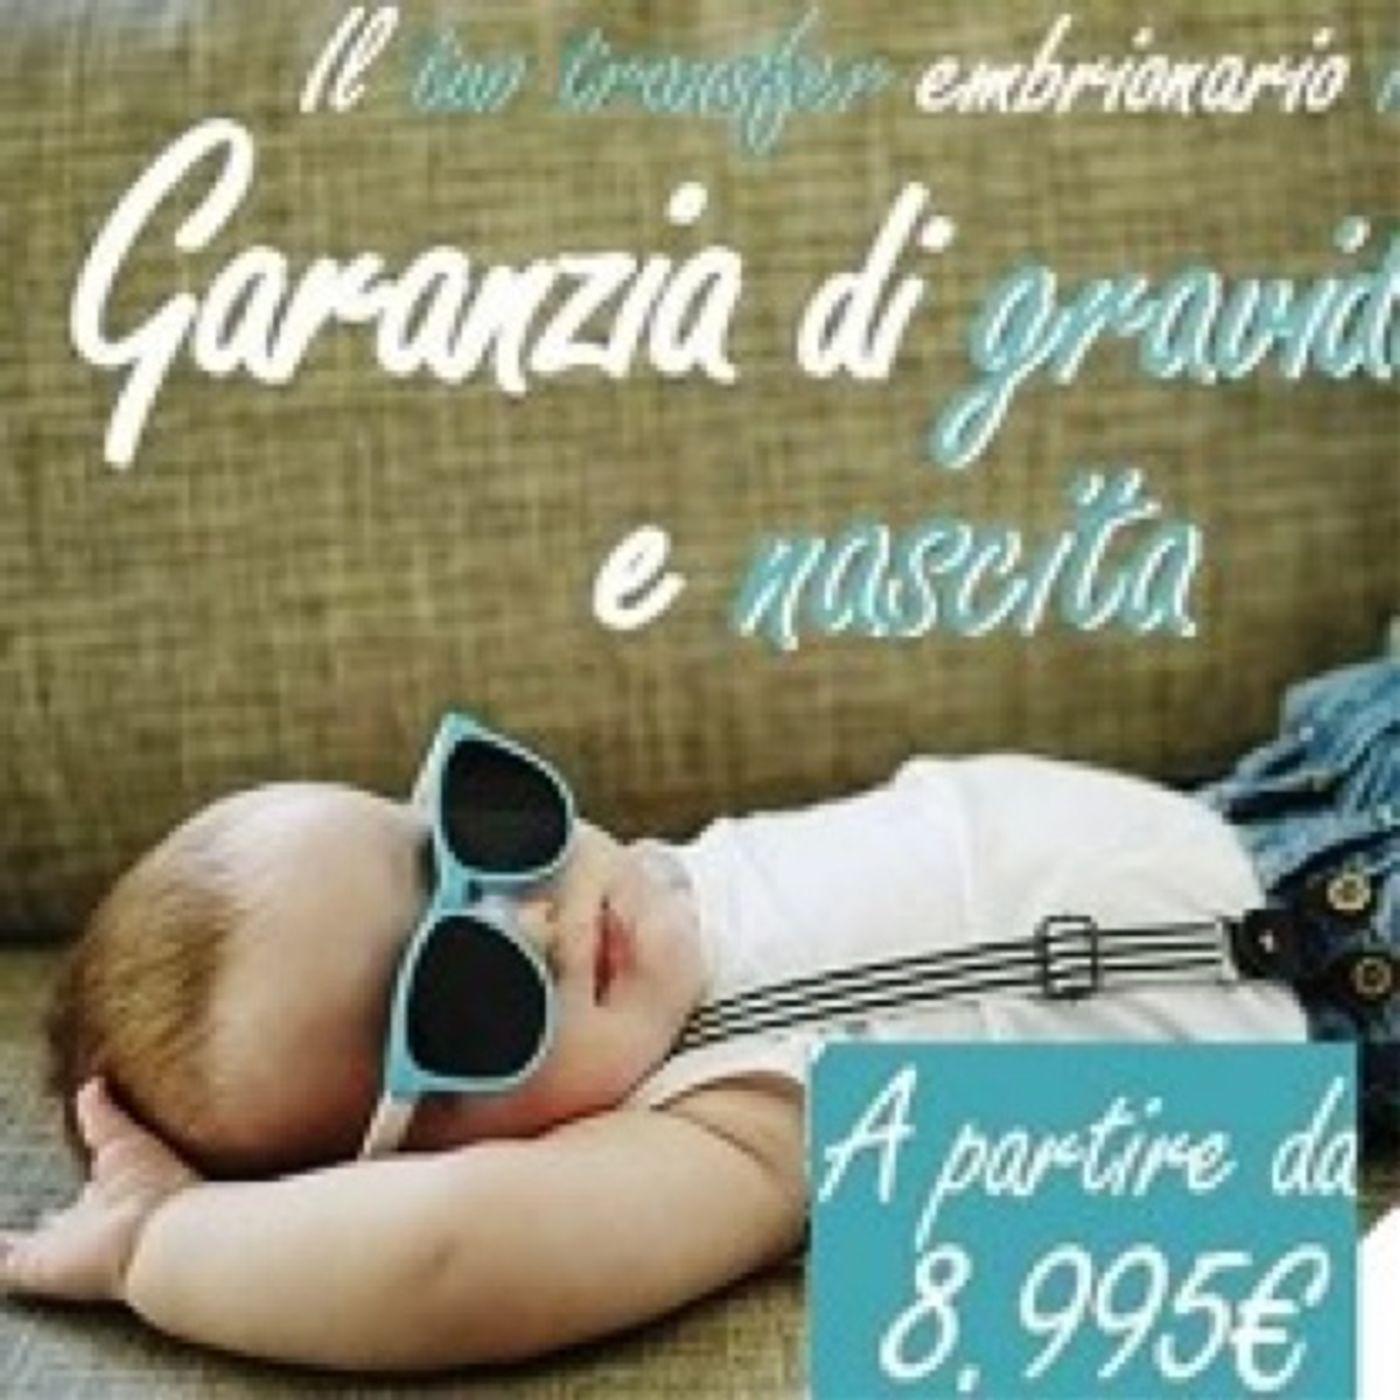 Bambini in vendita in italia a 8995 Euro